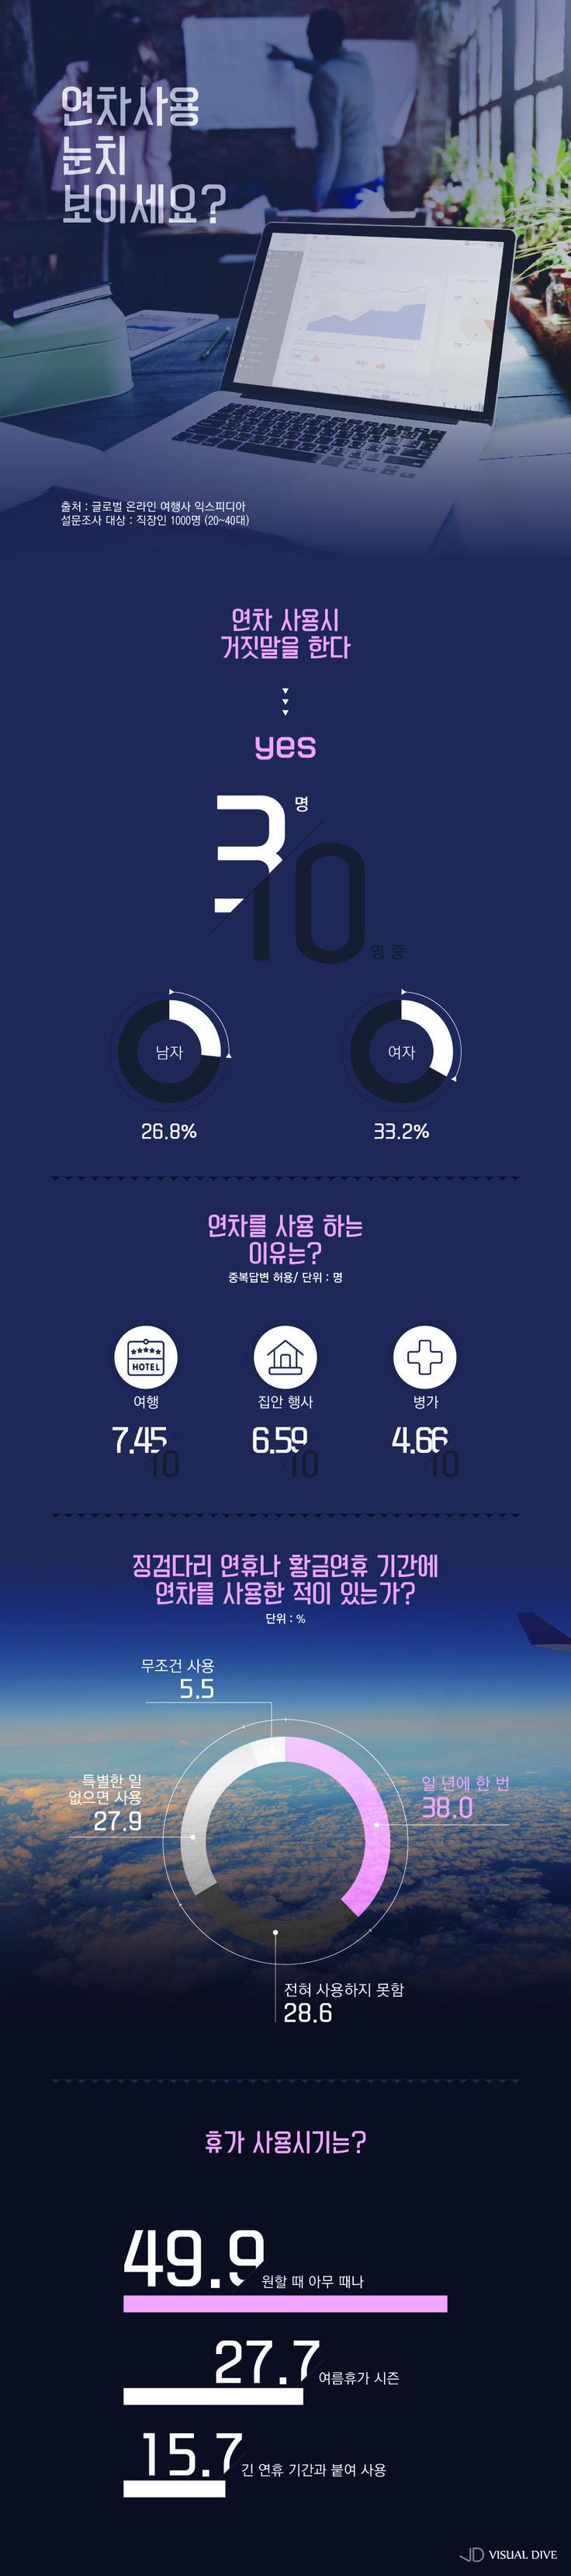 """직장인 30% """"연차 사용 시 거짓말 해봤다"""" [인포그래픽] #Worker / #Infographic ⓒ 비주얼다이브 무단 복사·전재·재배포…"""